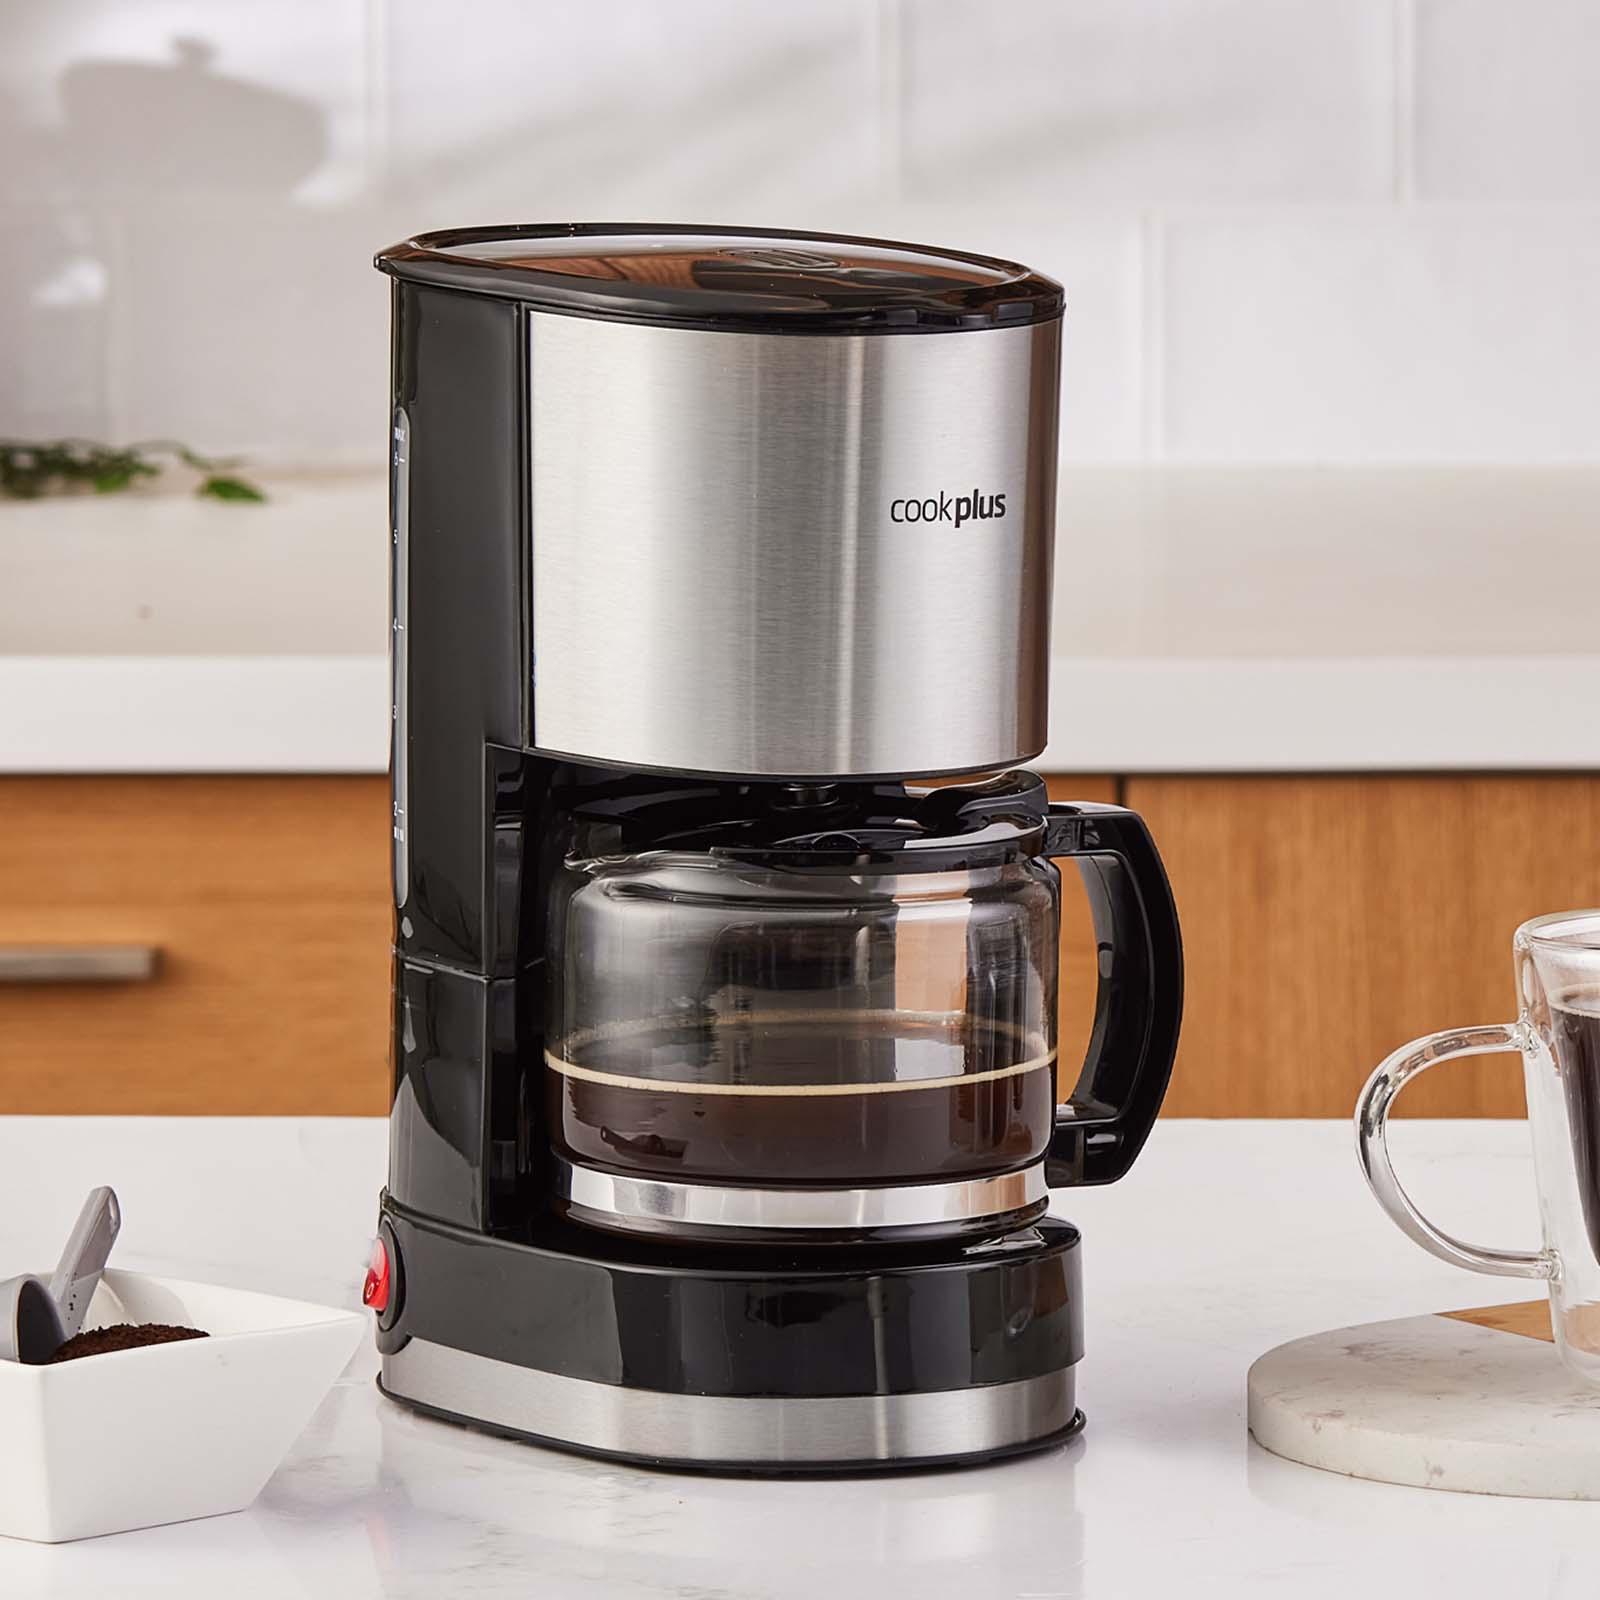 Cookplus by Karaca Coffee Keyf Filtre Kahve Makinesi Inox 601